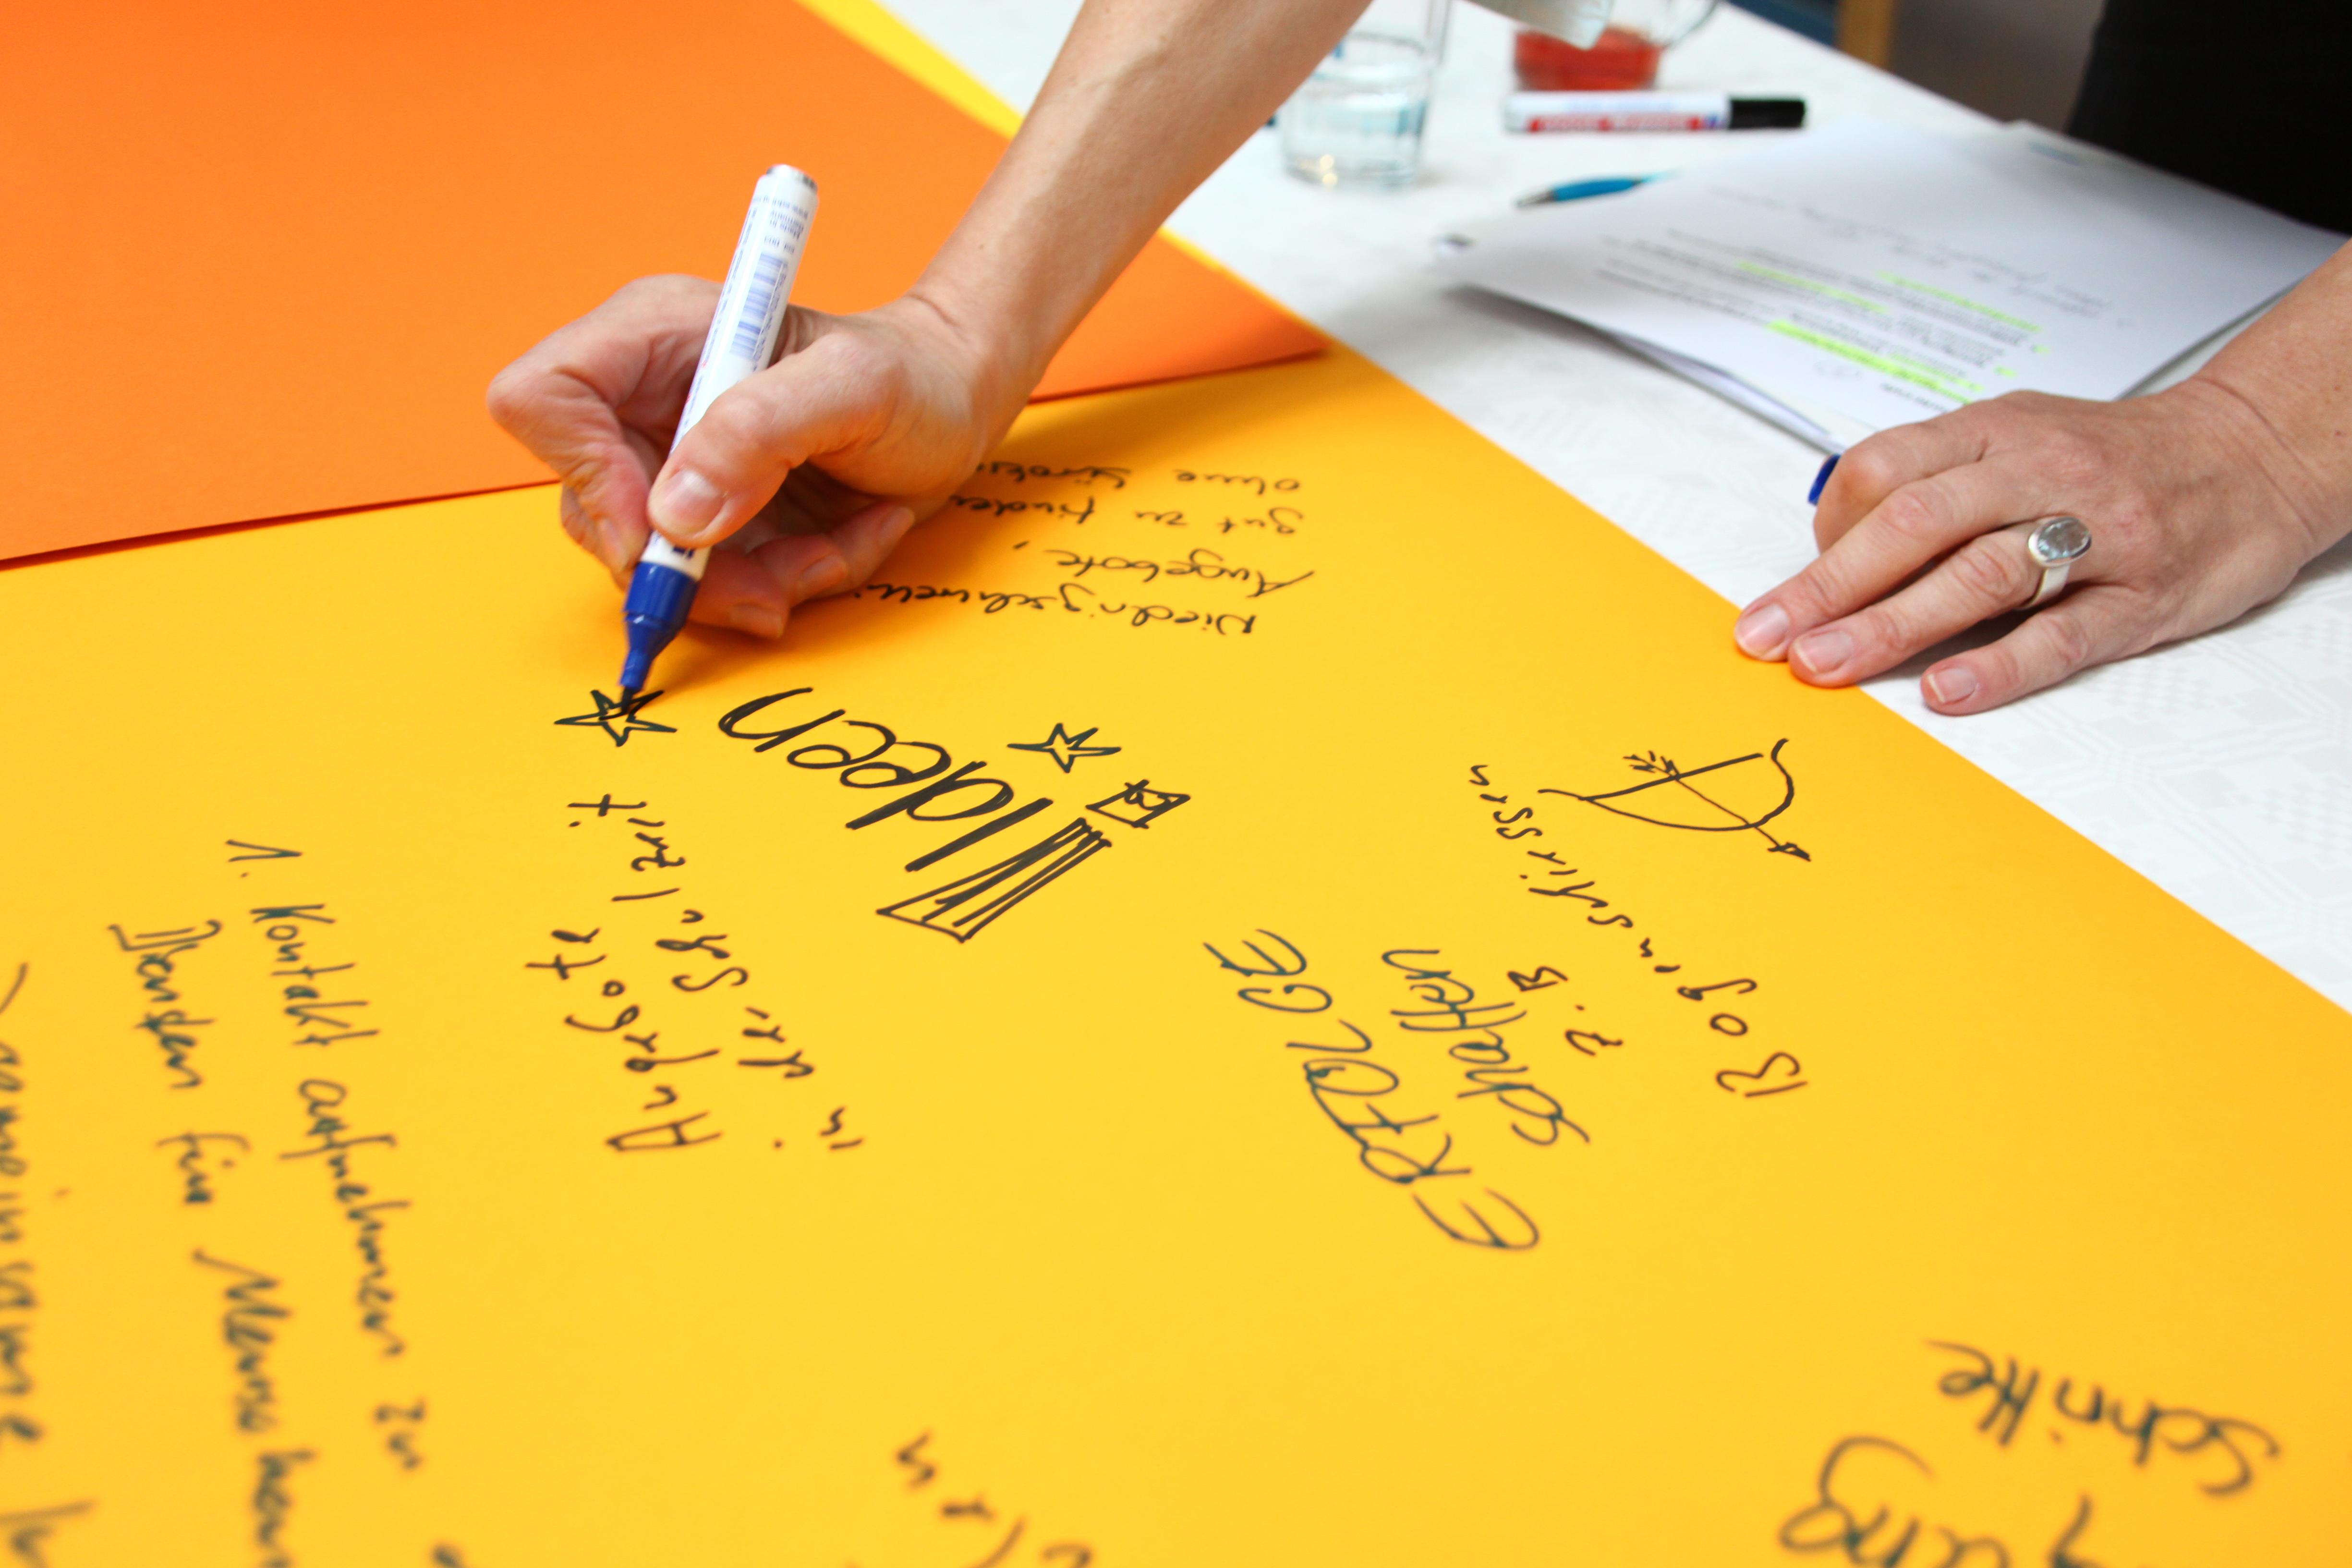 Ideen und Kreativität